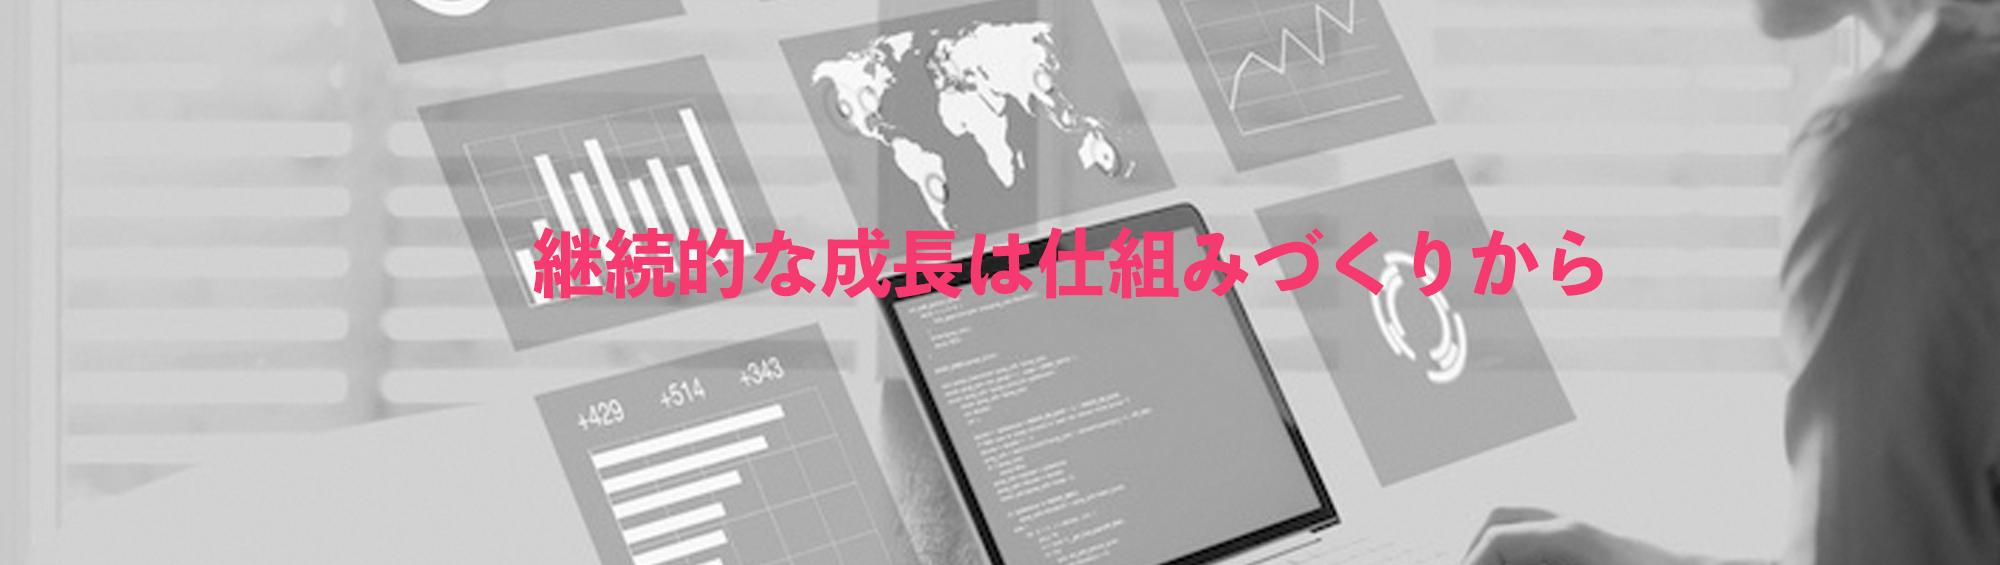 松本市ホームページ制作 CRMI 仕組みづくり